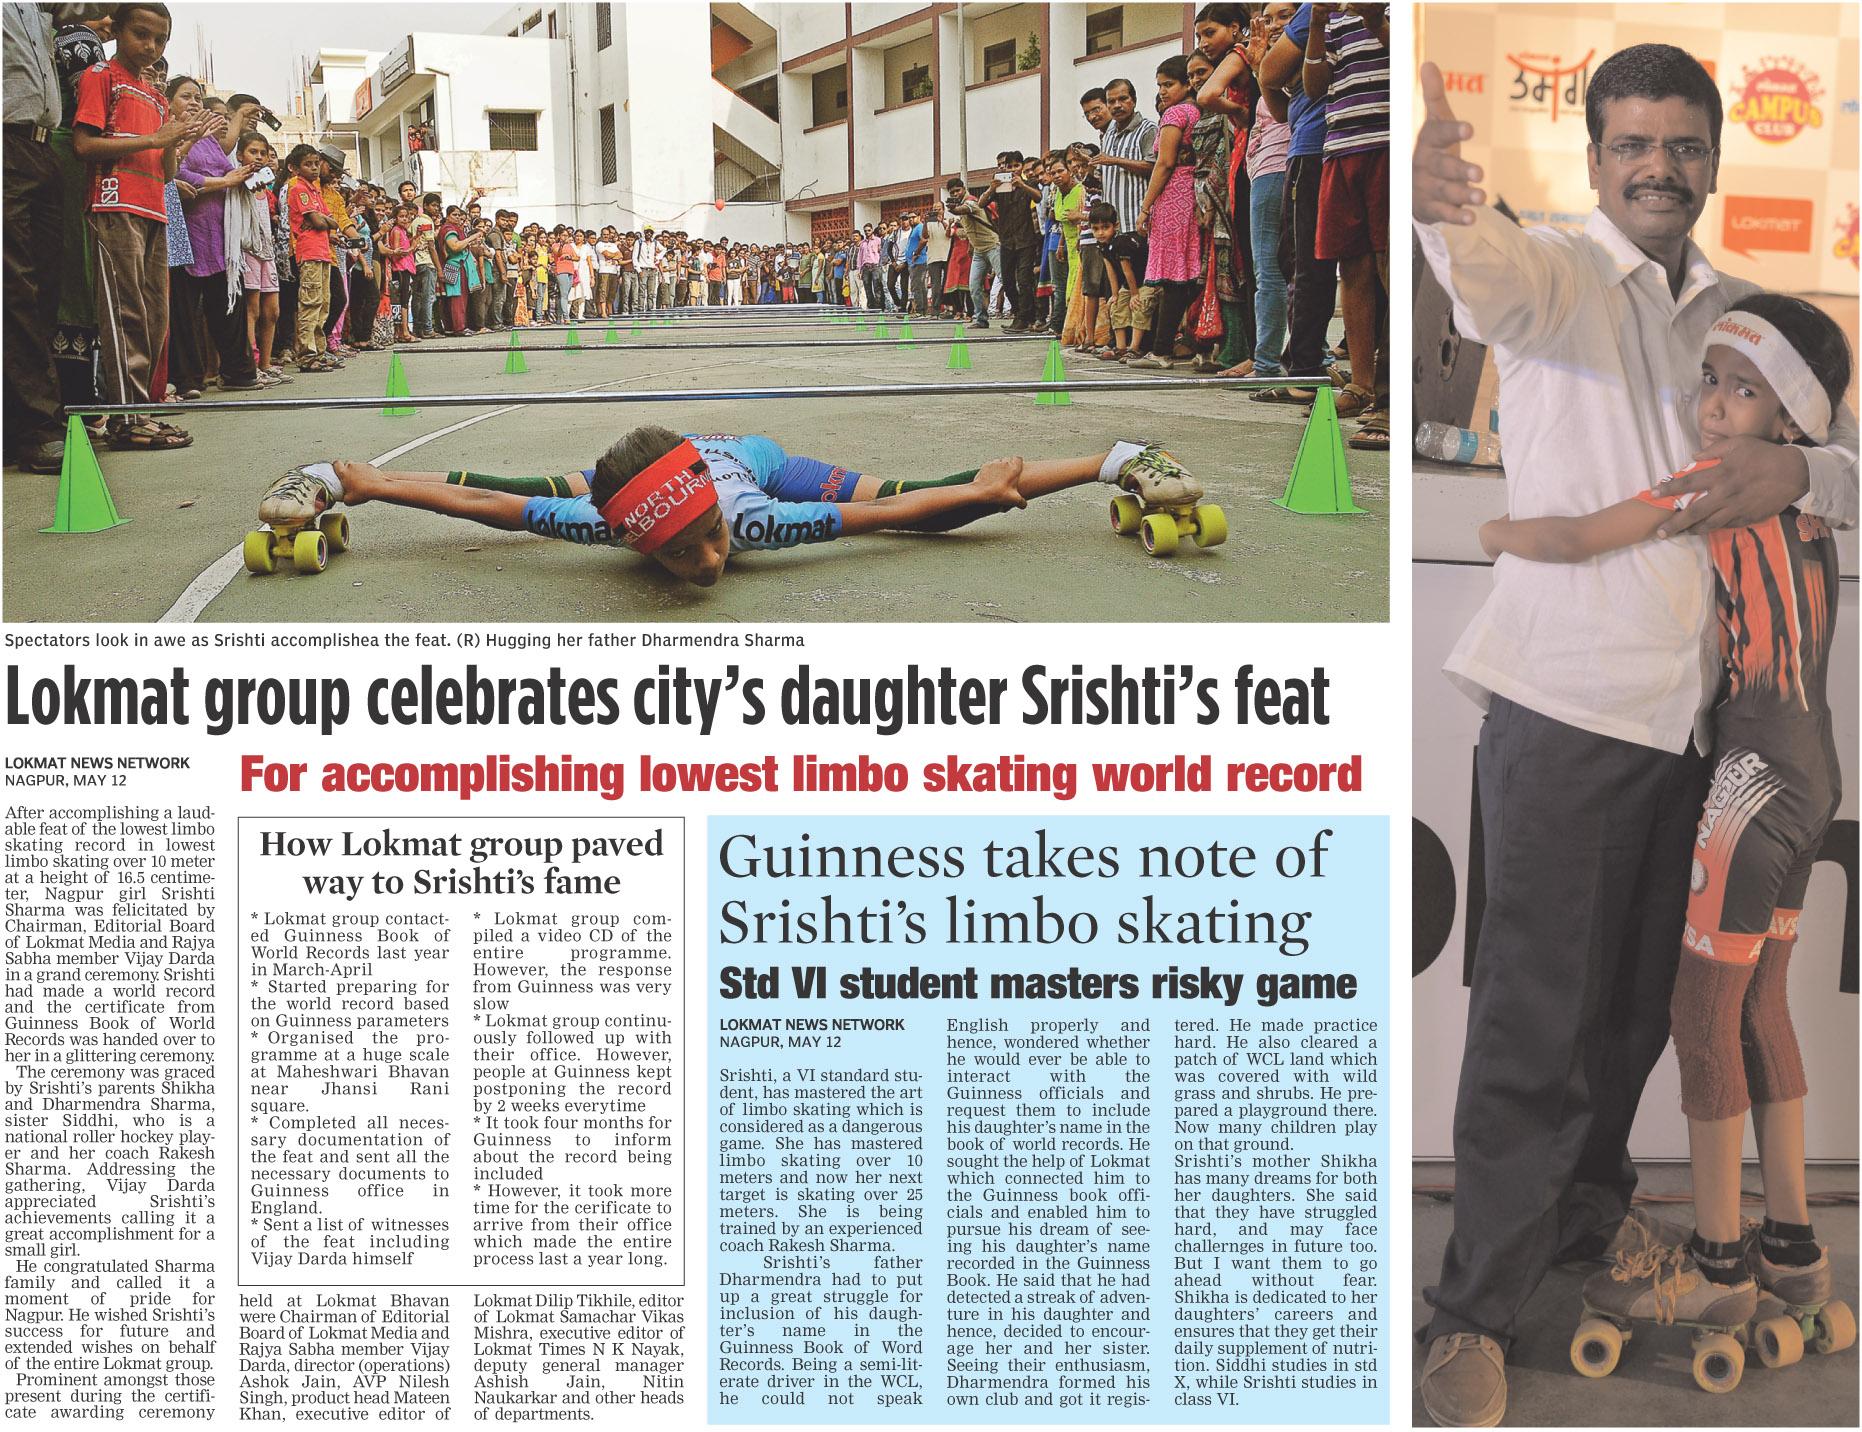 Lokmat group celebrates city's daughter Srishti's feat